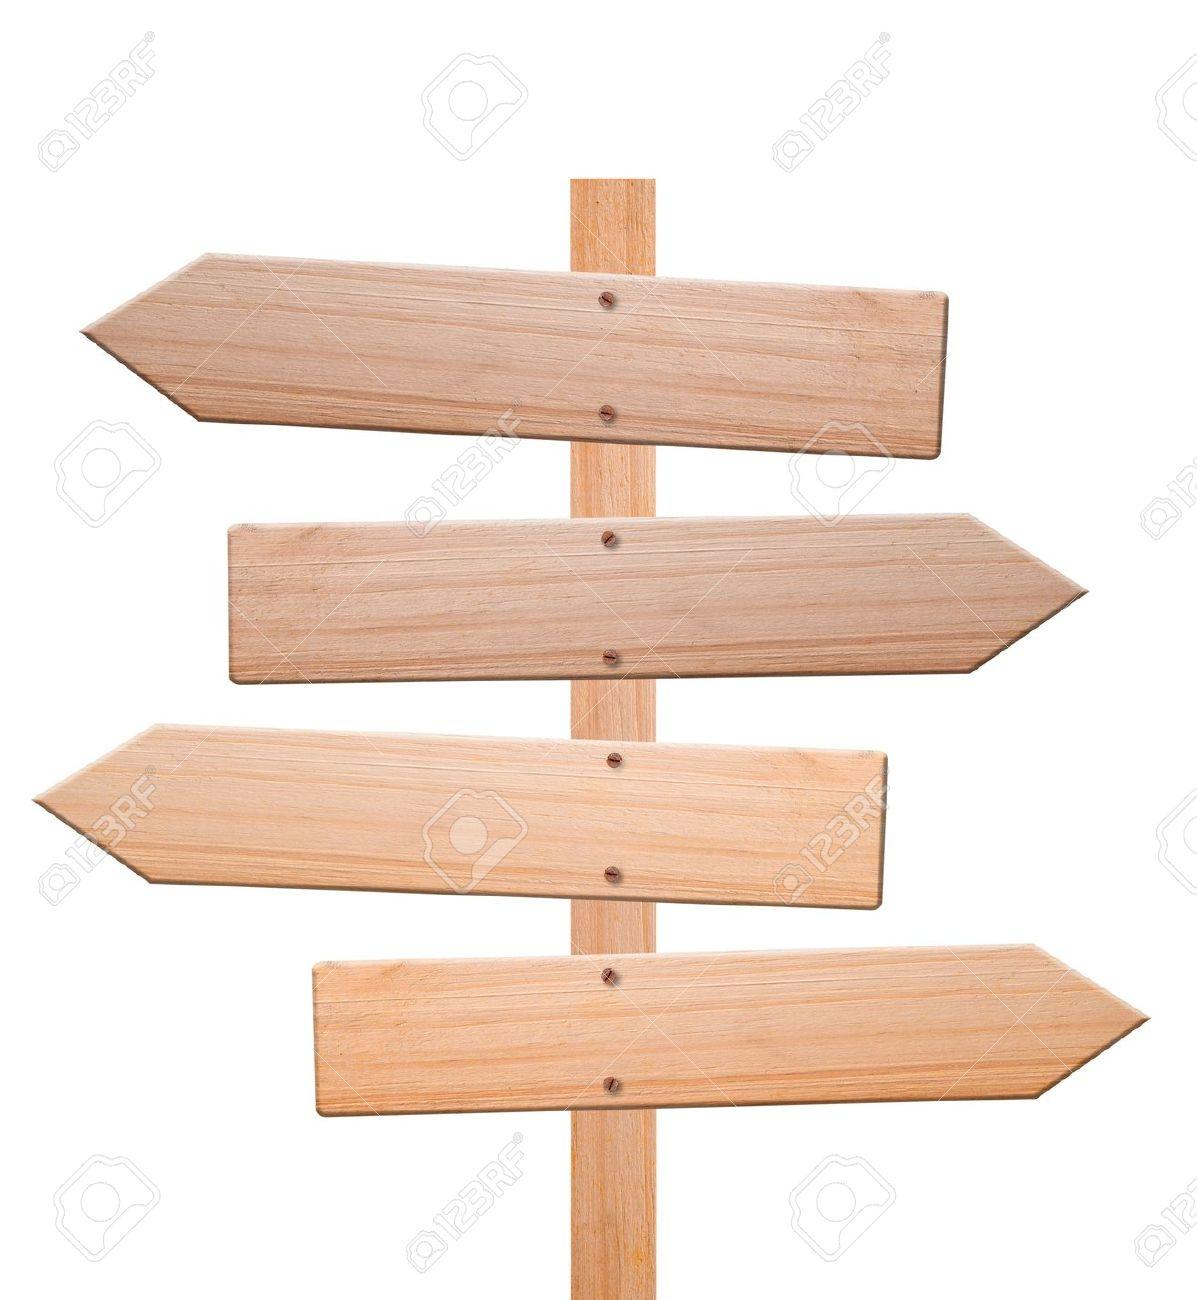 Arrow clipart wood. Sign